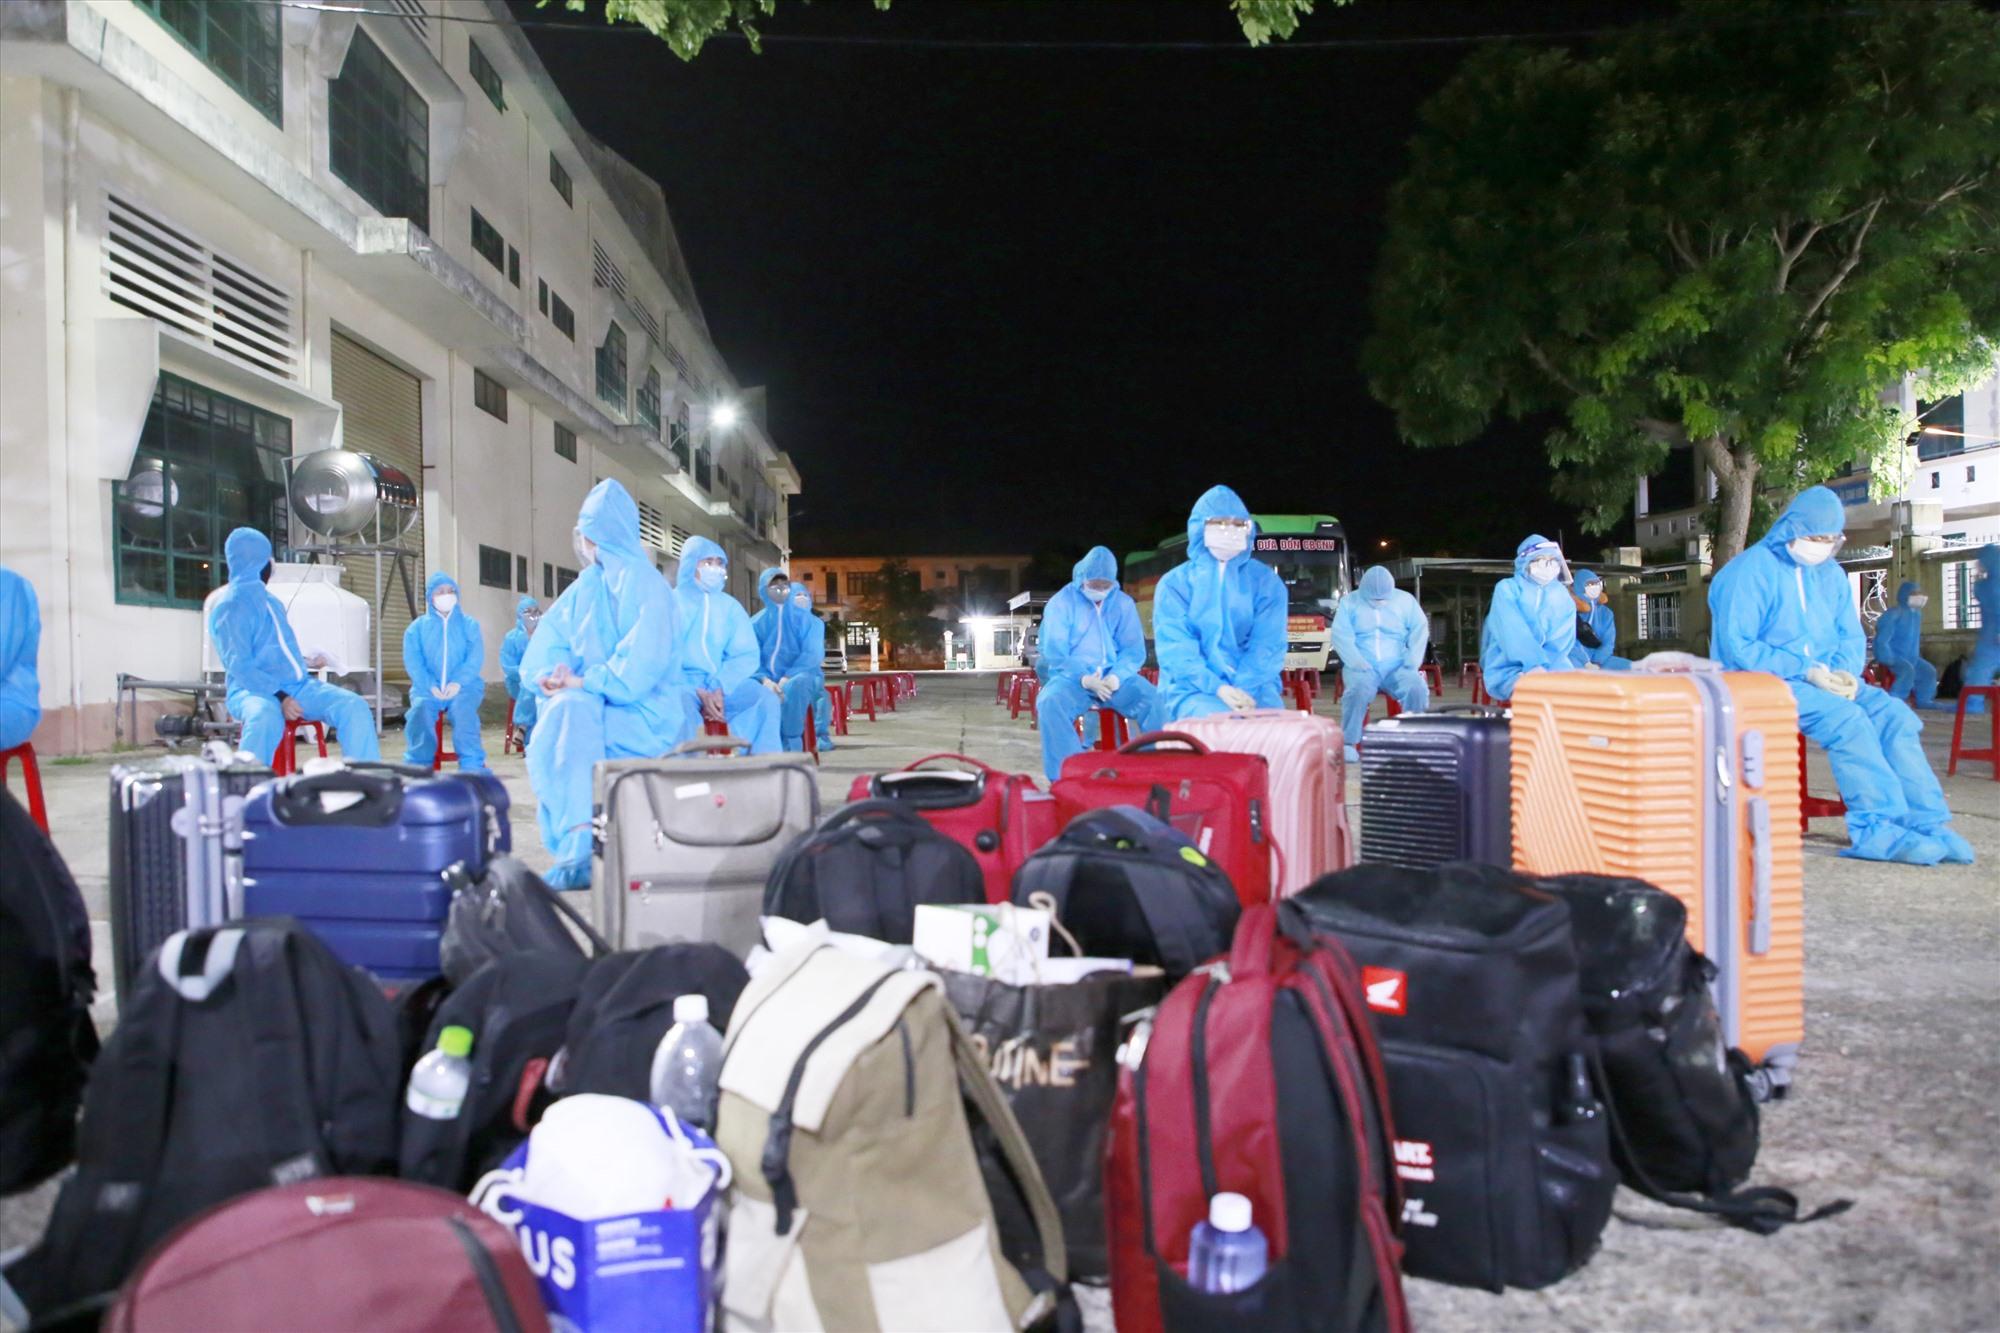 Người dân chờ làm thủ tục, đo thân nhiệt và xét nghiệm nhanh tại khuôn viên trường Cao đẳng Quảng Nam. Ảnh: T.C